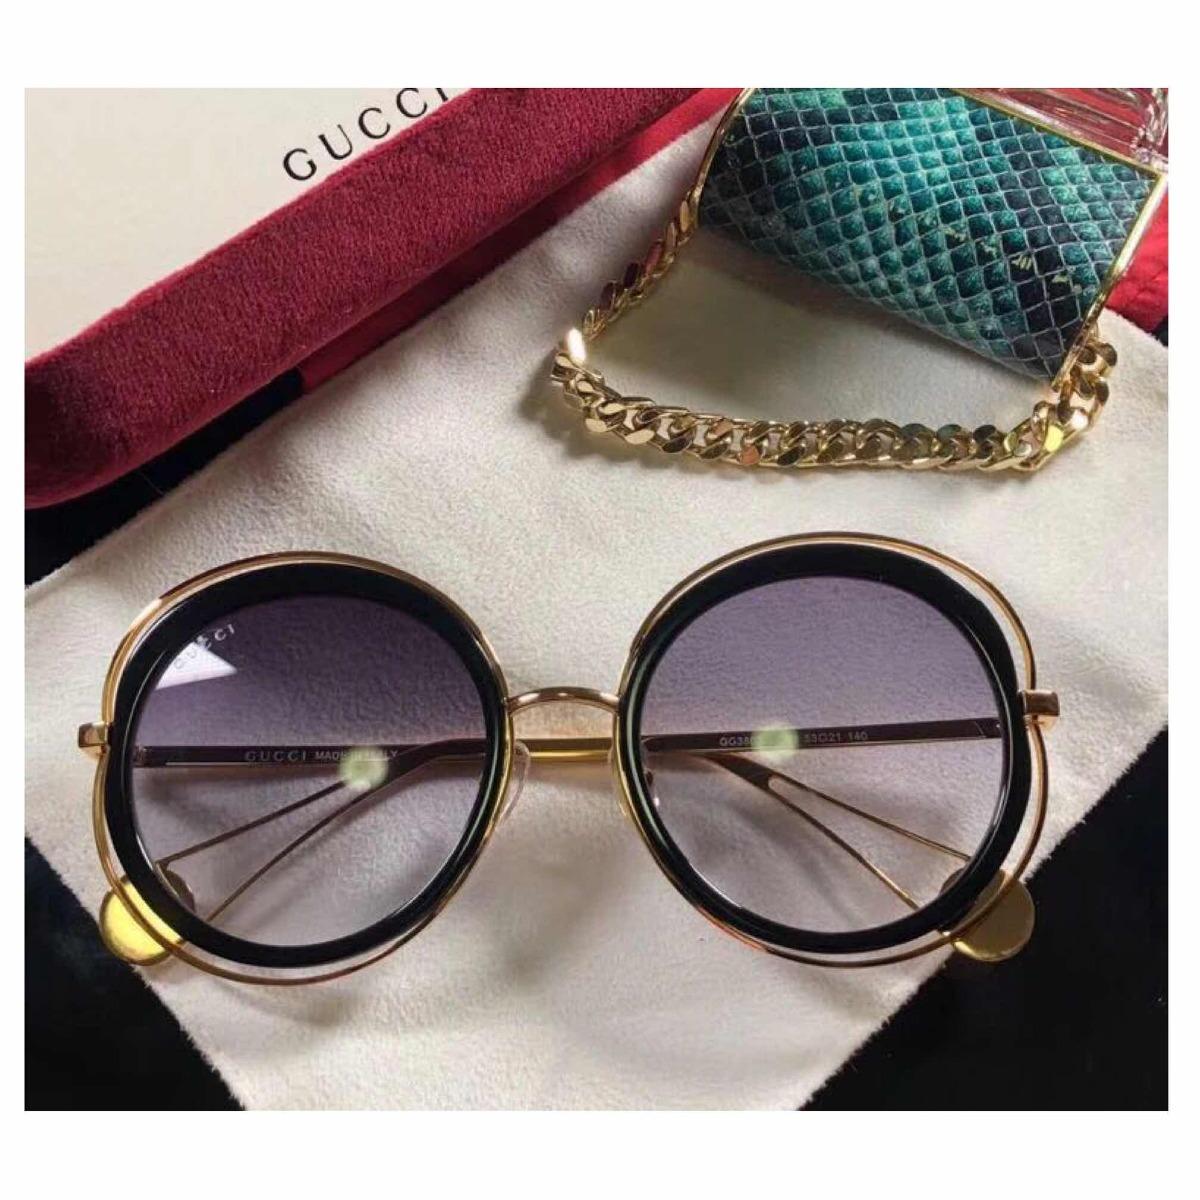 9a46778f07ddec  óculos de sol gucci feminino redondo haste metal pérola  novo. Carregando zoom. ba4f4a438a